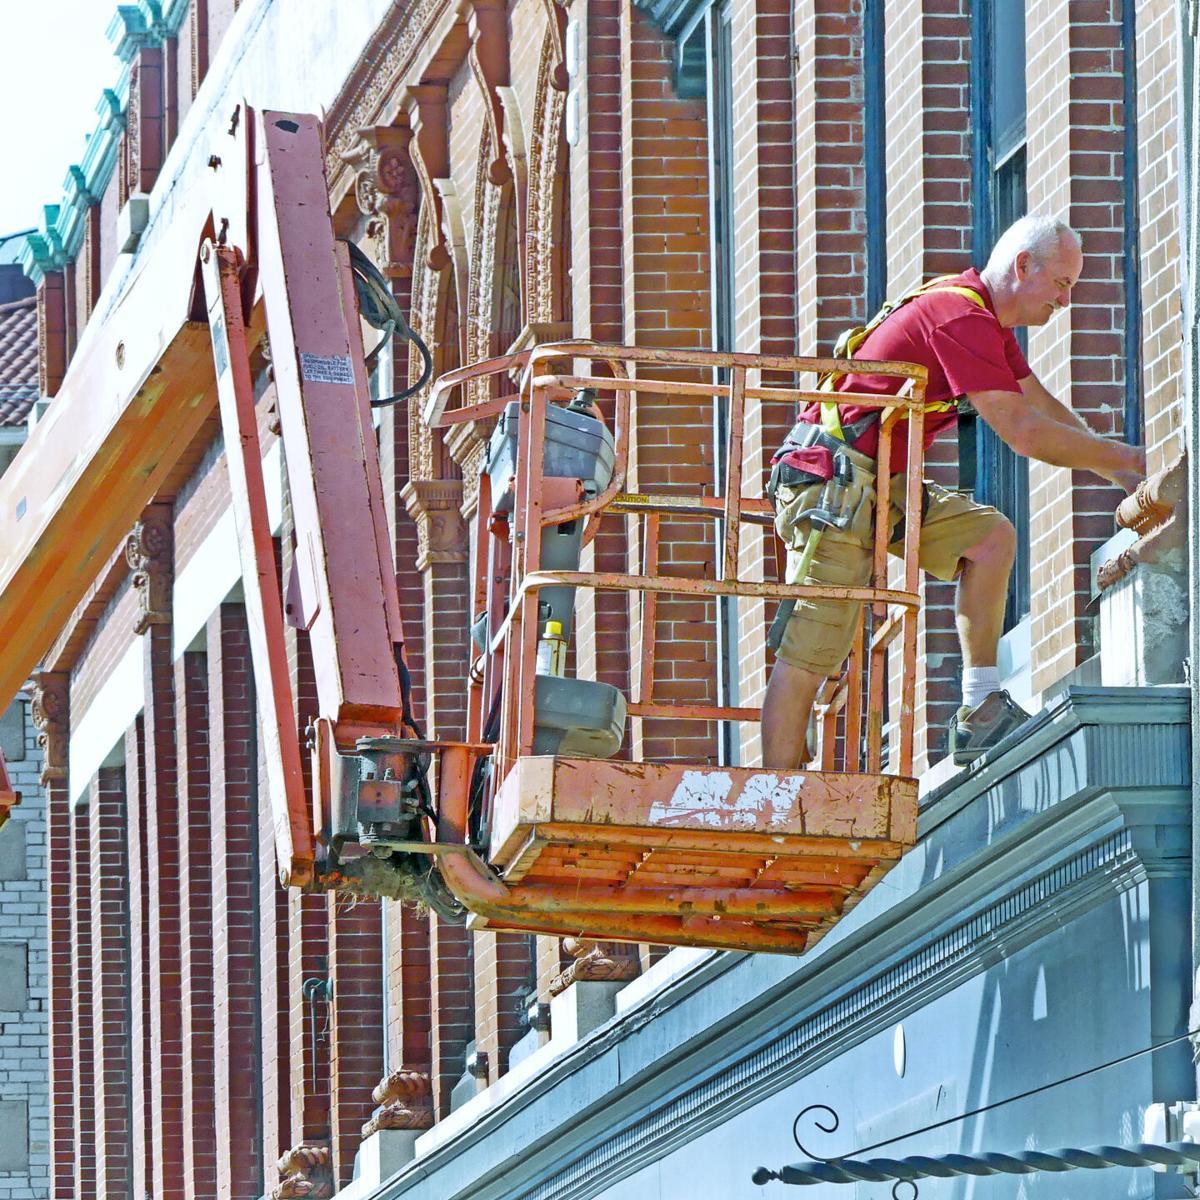 091321 WES Brown Building renov work hh 81217.JPG